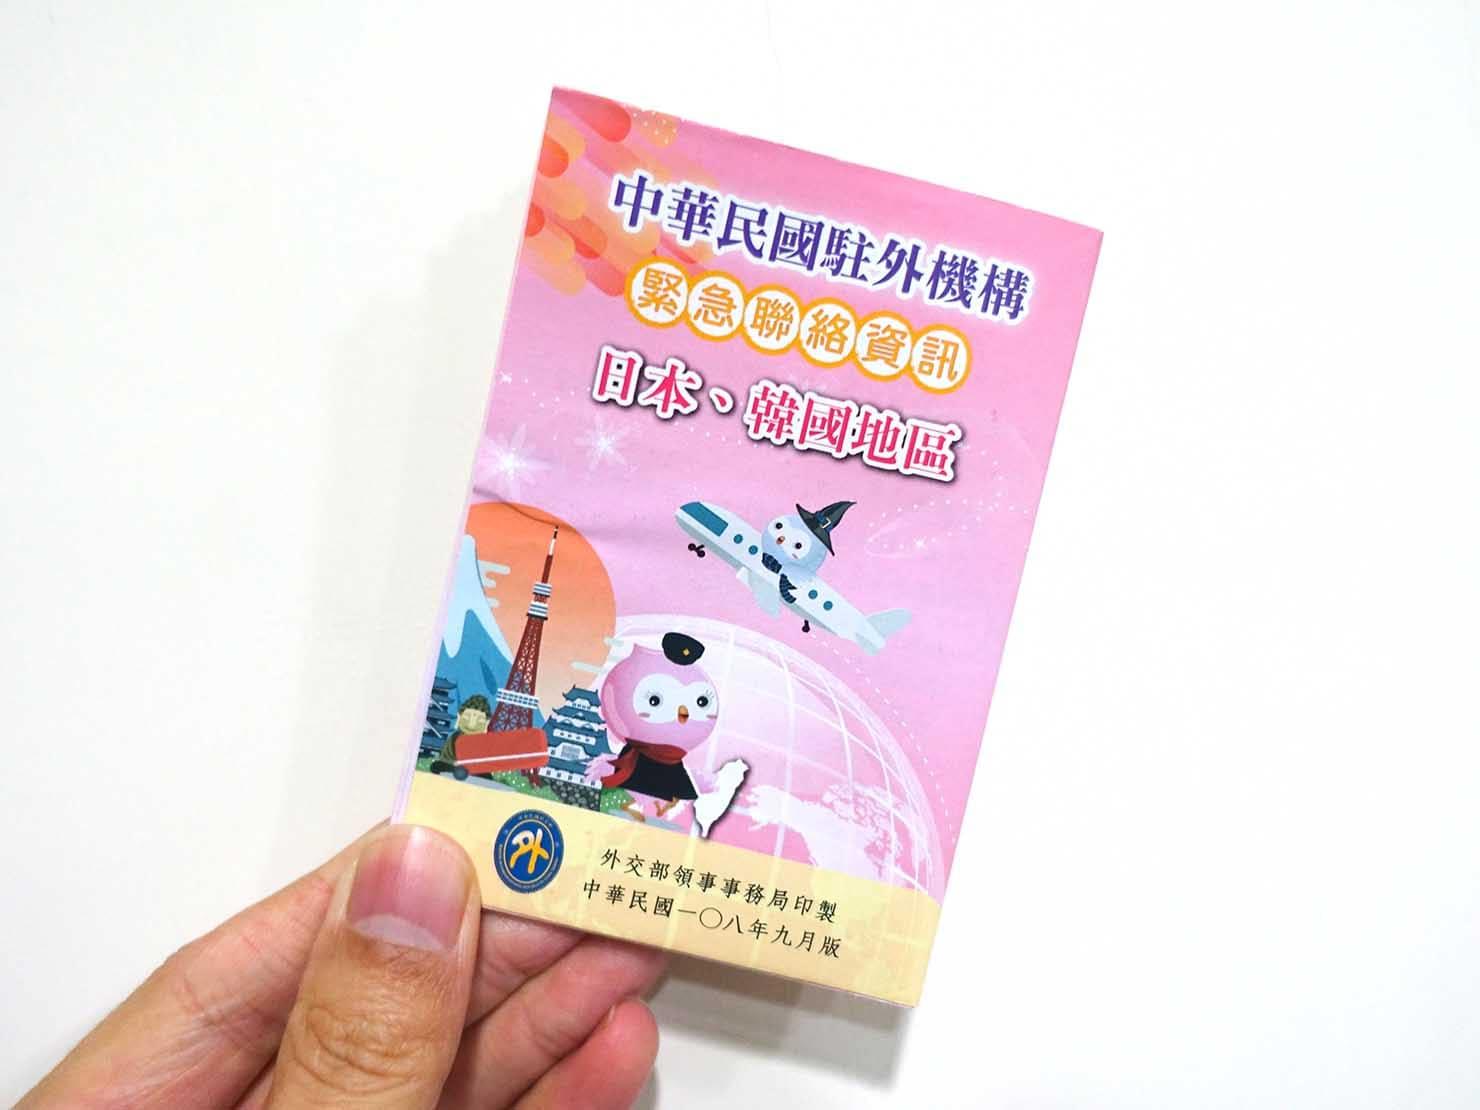 台湾の外交部でいただいた日本・韓国地区の連絡先